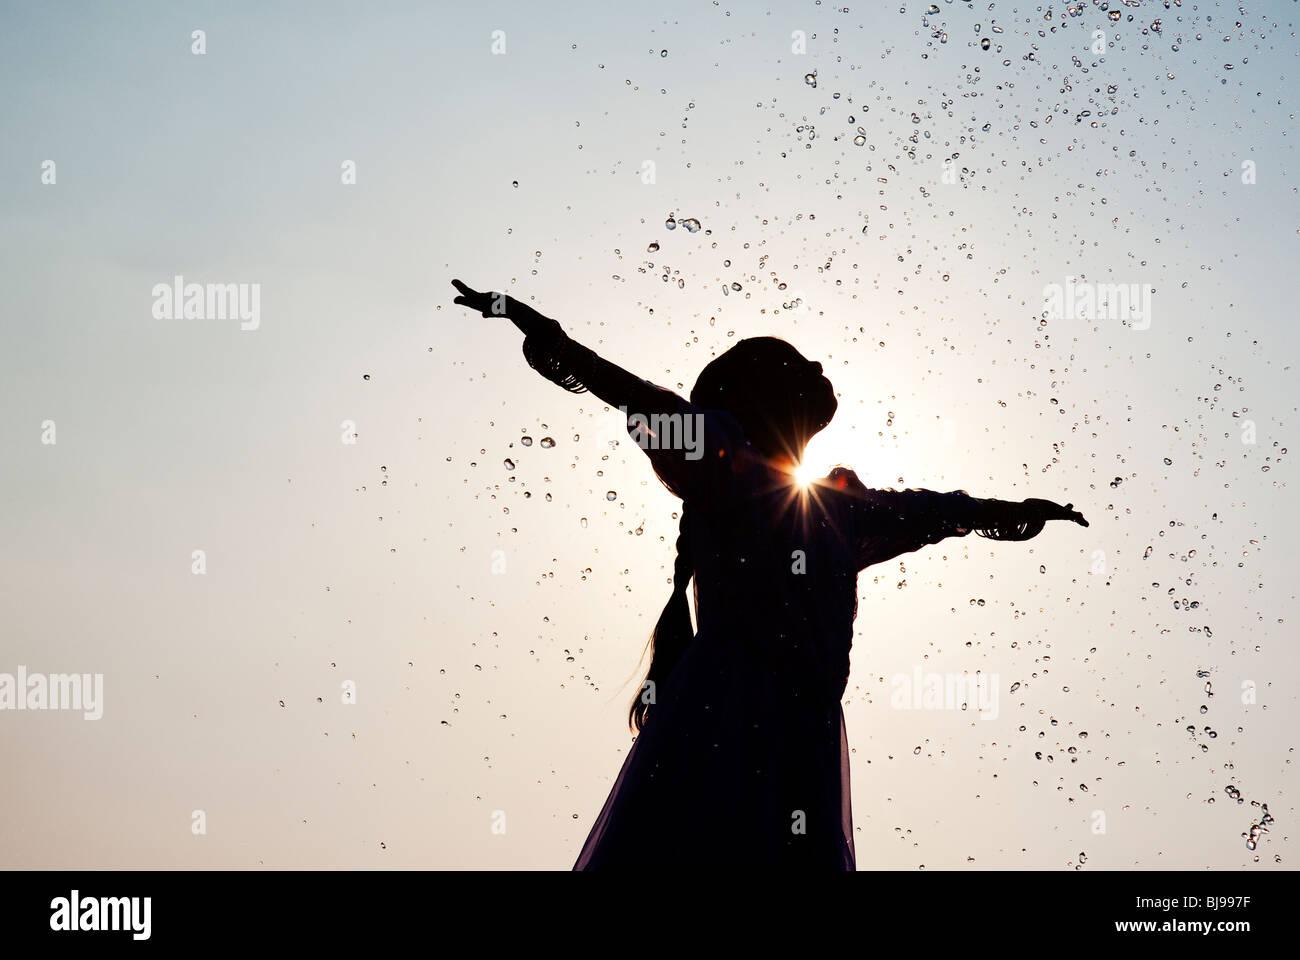 Silhouette di una giovane ragazza indiana godendo di essere spruzzato con acqua. India Immagini Stock